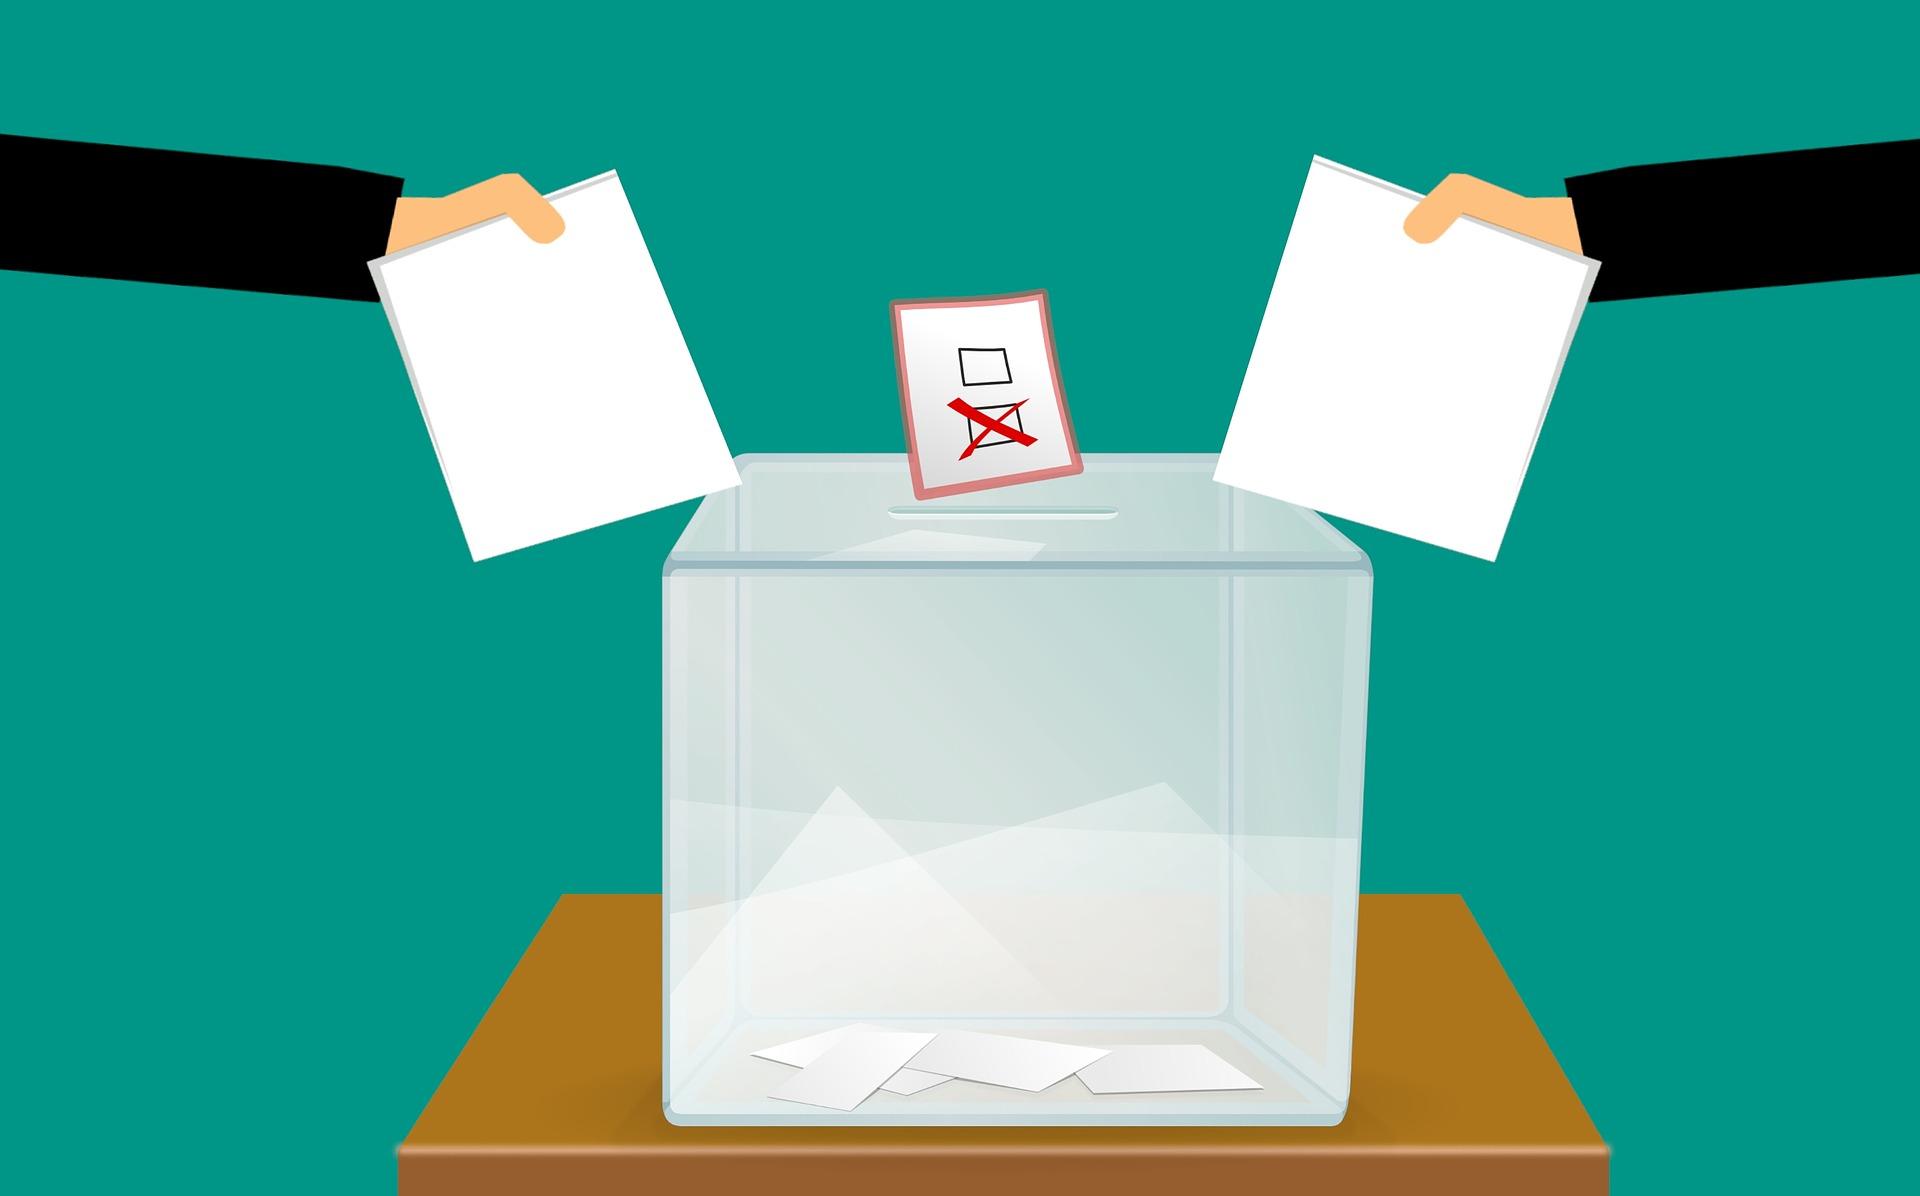 Come funzionano le elezioni amministrative comunali a capiago intimiano